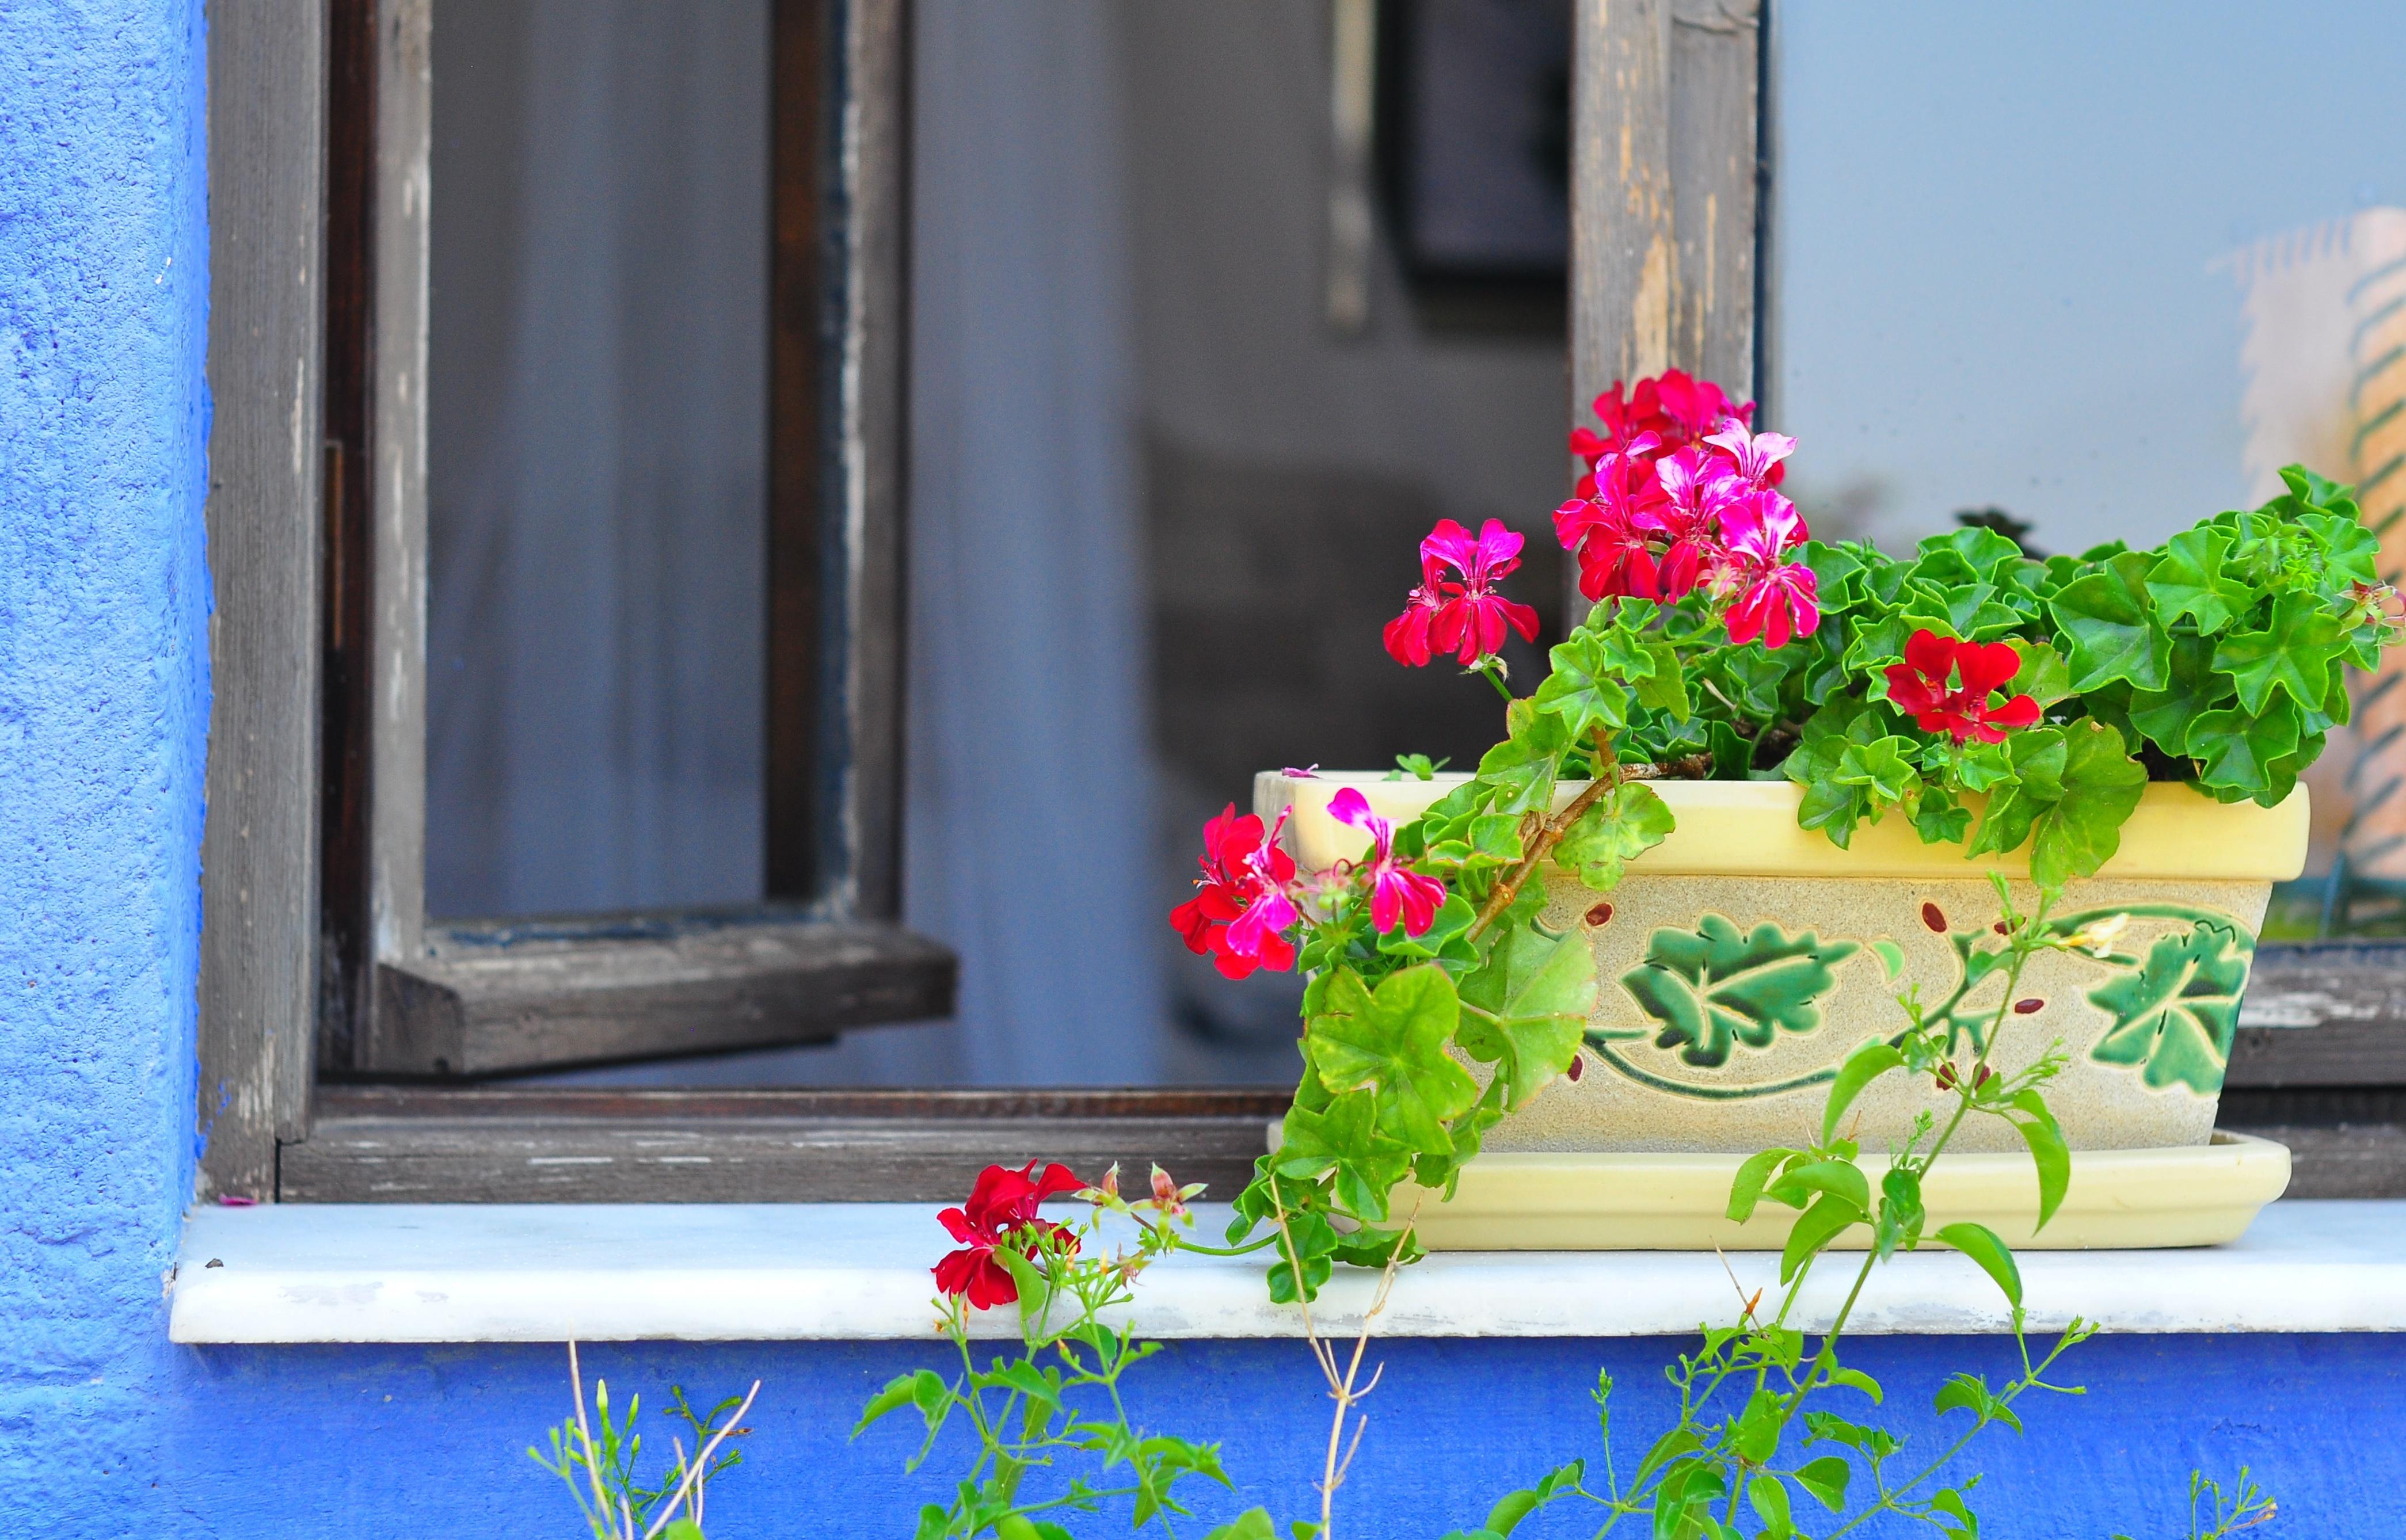 картинки окна с растениями диск символизирует